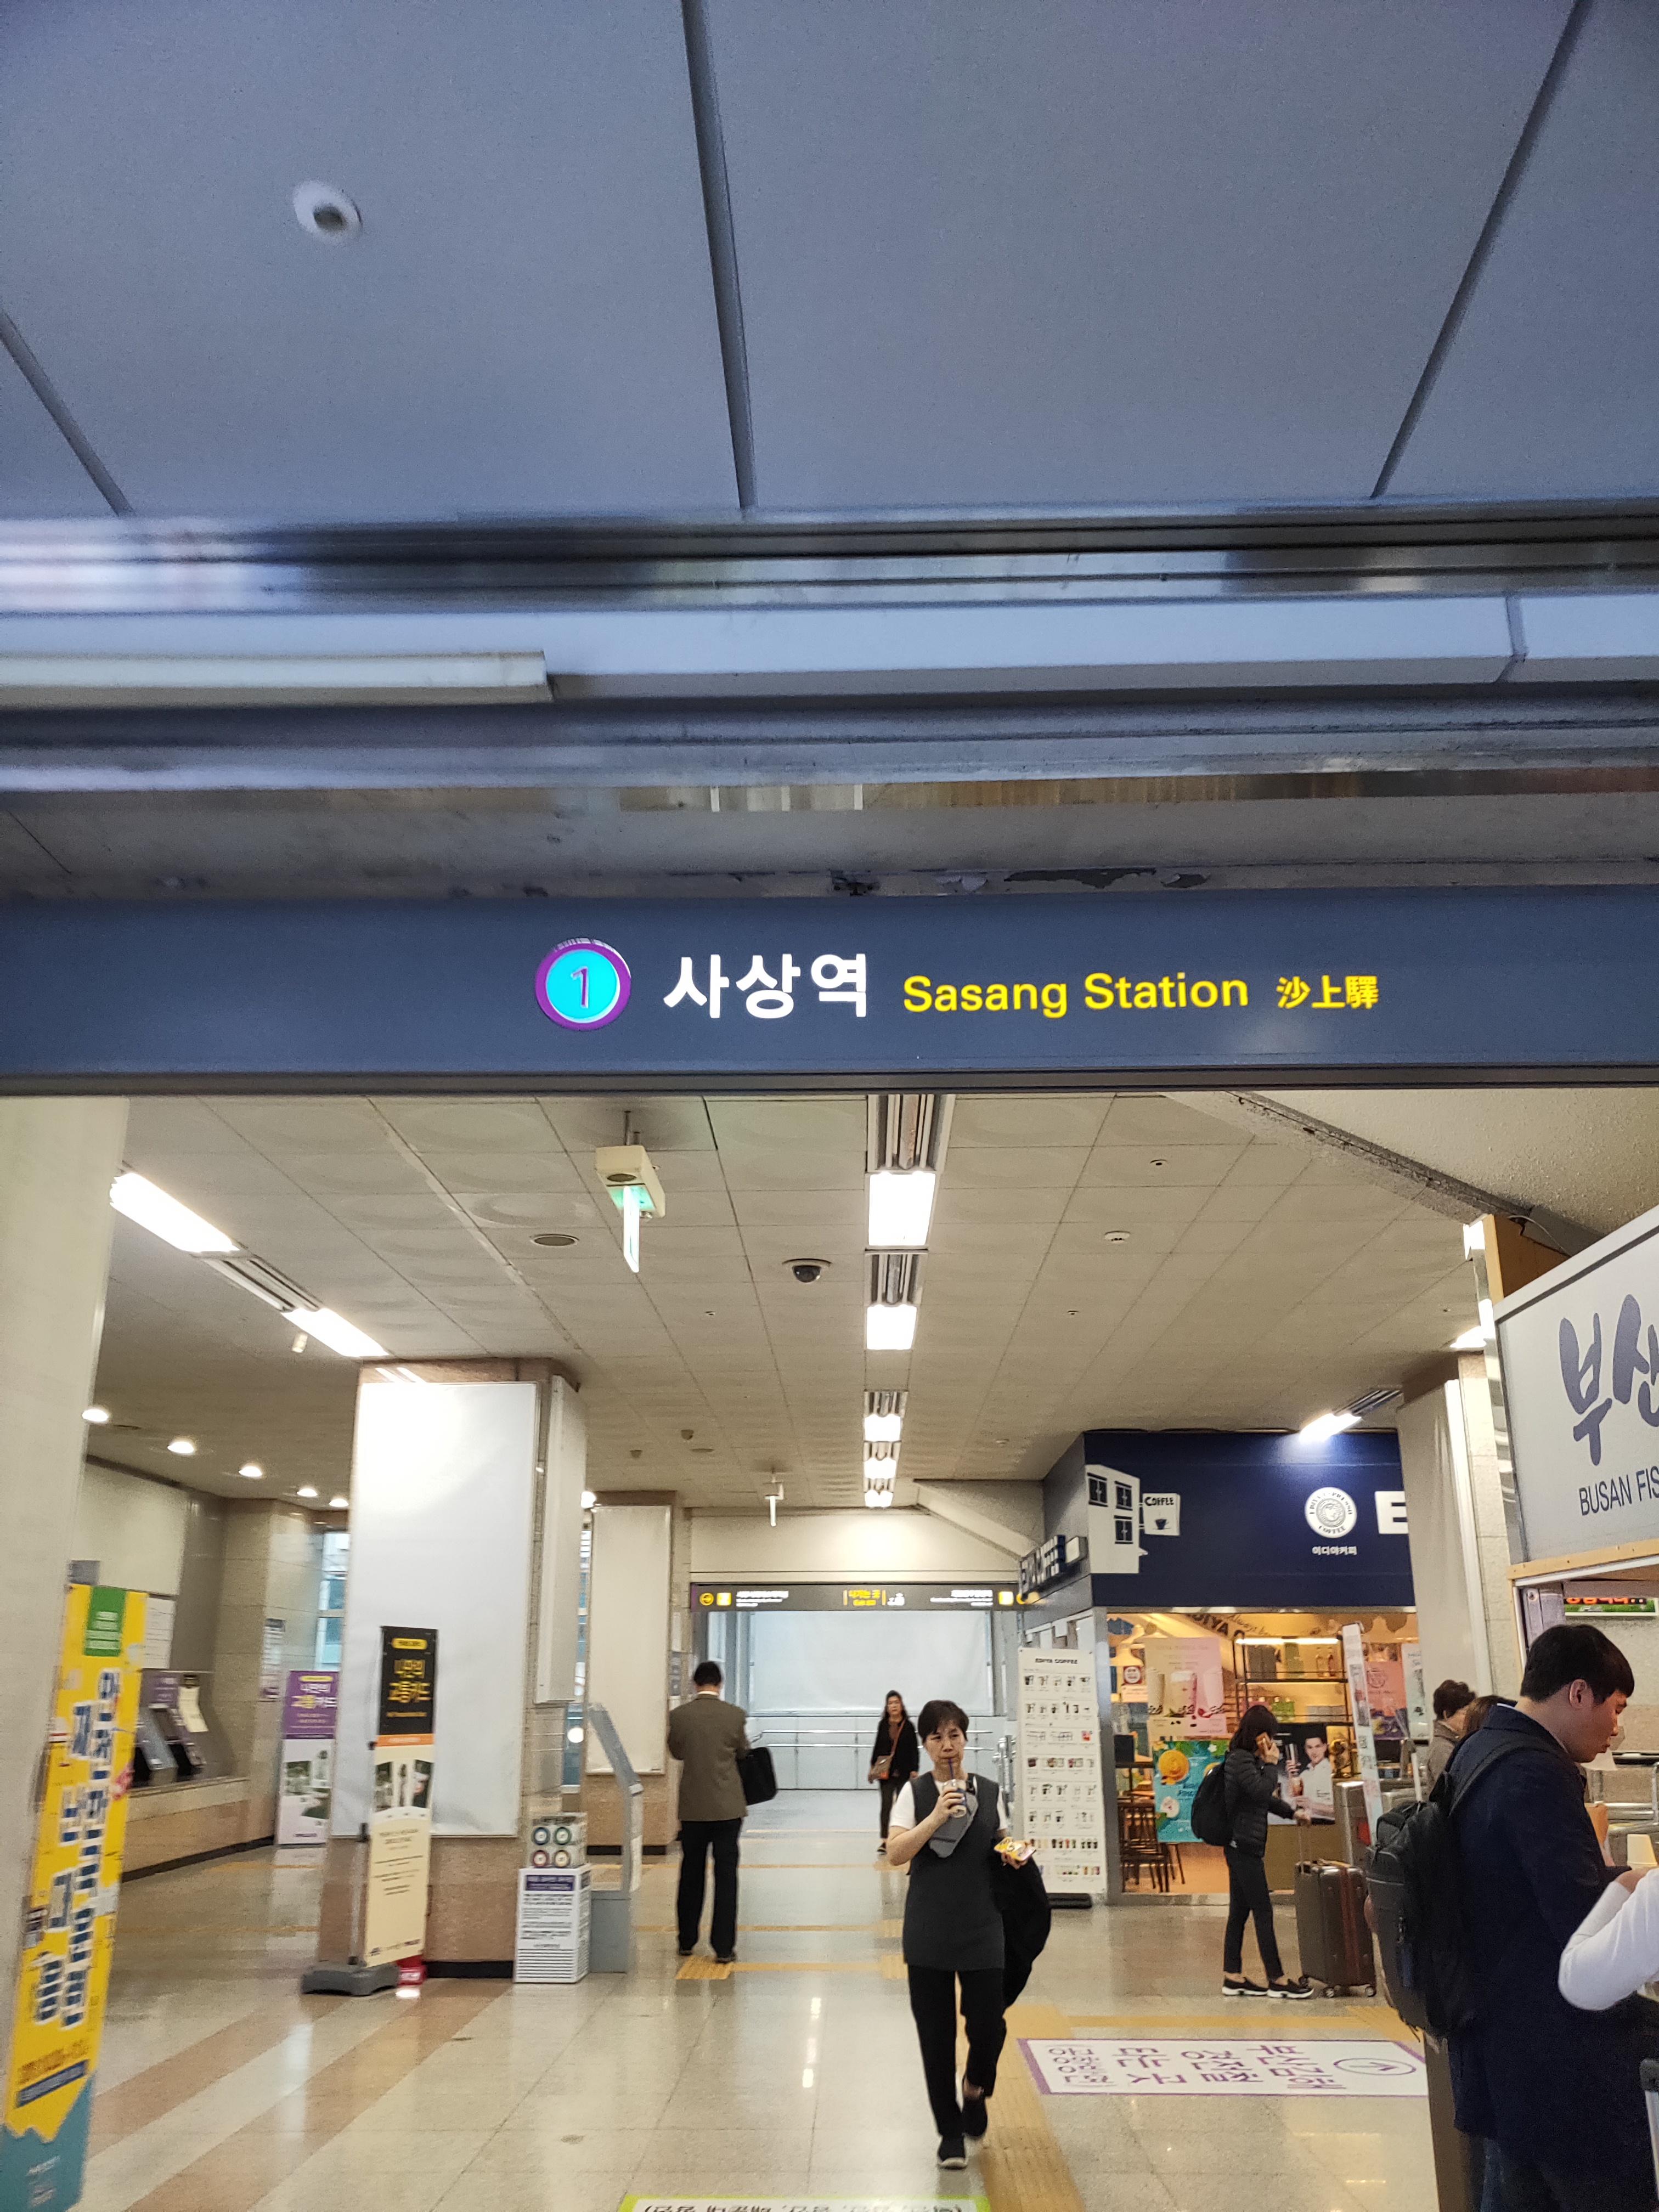 釜山軽電鉄・沙上駅 地下鉄乗り換え口